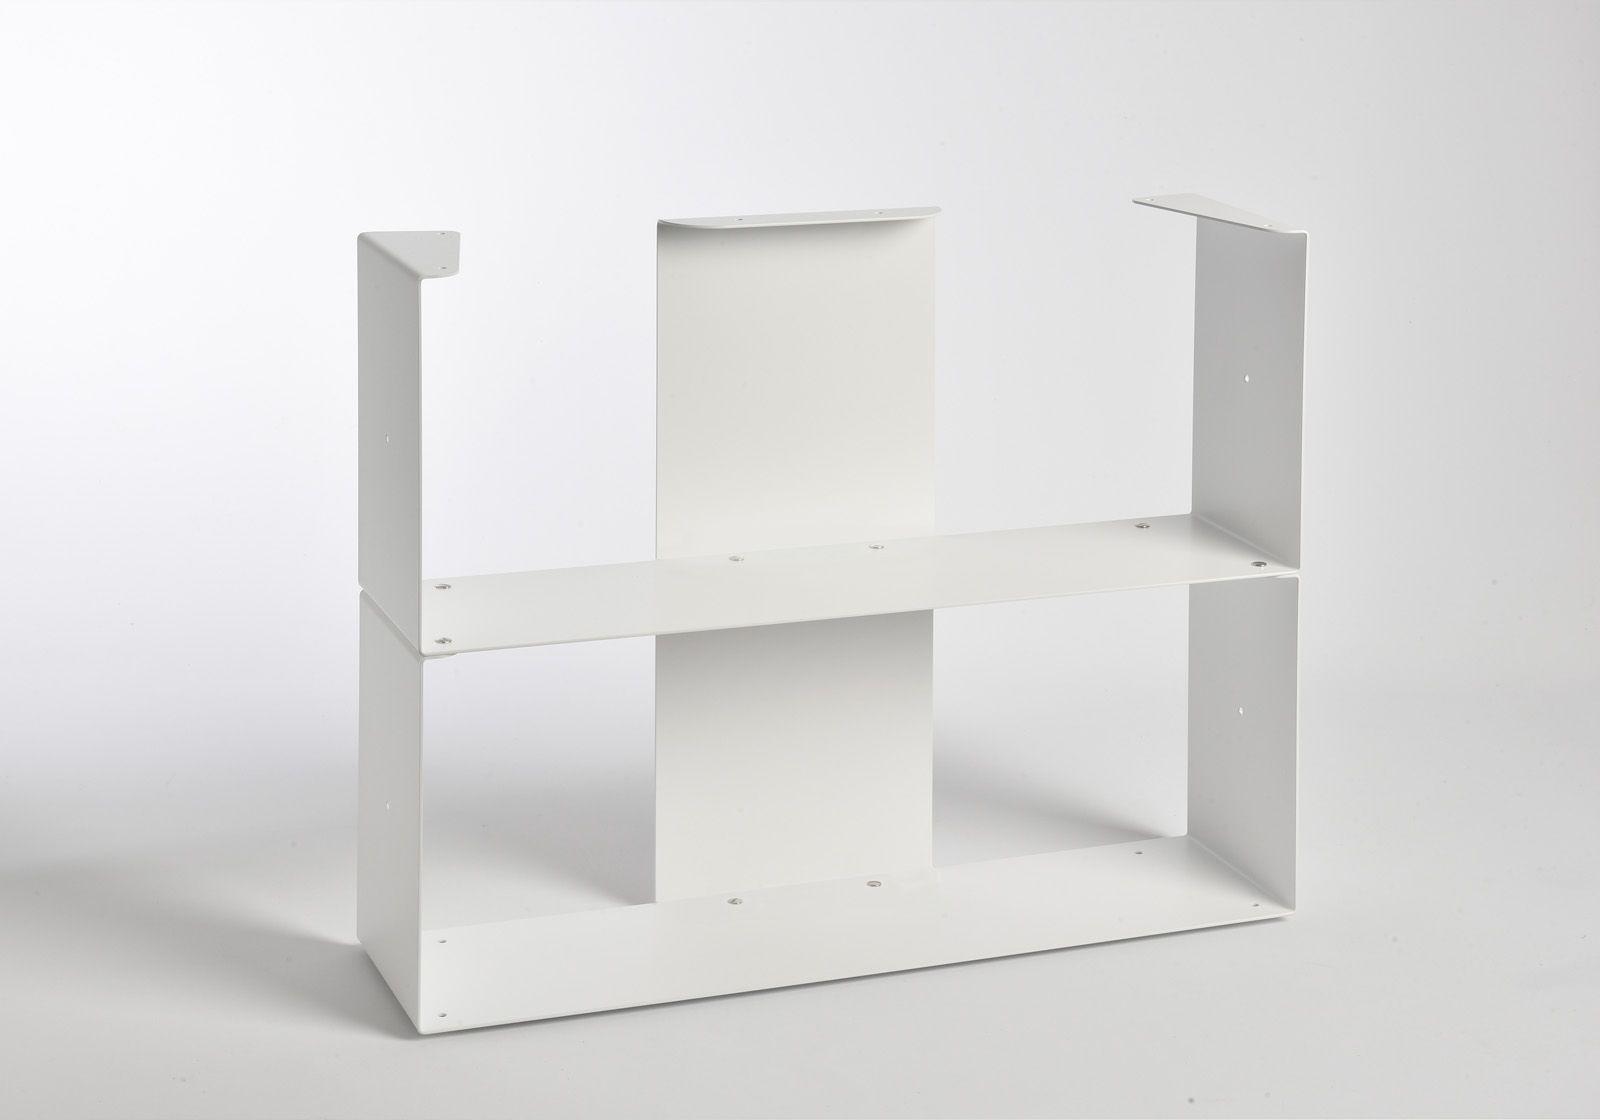 meuble biblioth que 60 cm metal blanc 6 niveaux. Black Bedroom Furniture Sets. Home Design Ideas